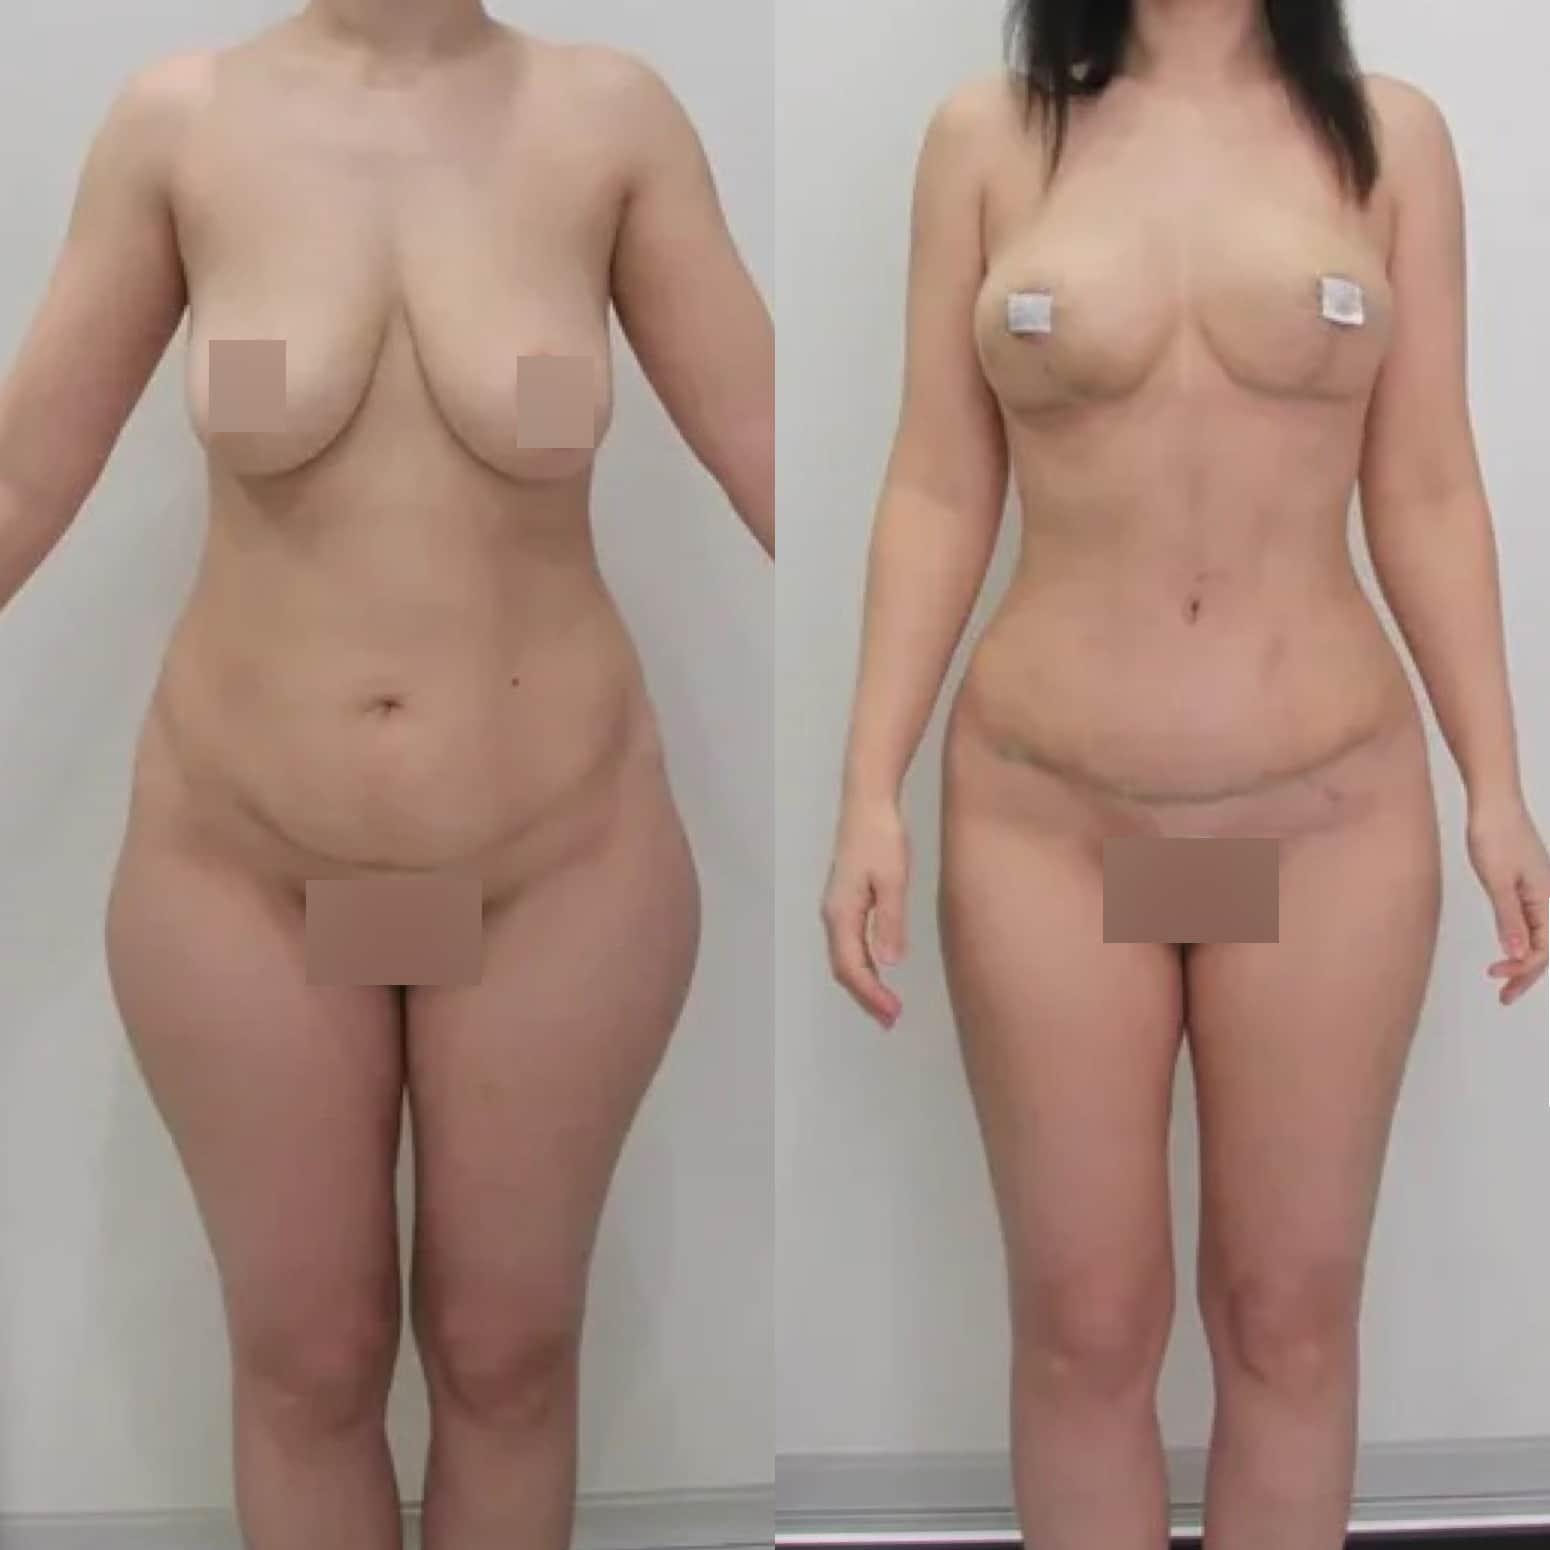 Редукция груди, абдоминопластика, липосакции галифе, живота, поясницы, спустя 3 недели